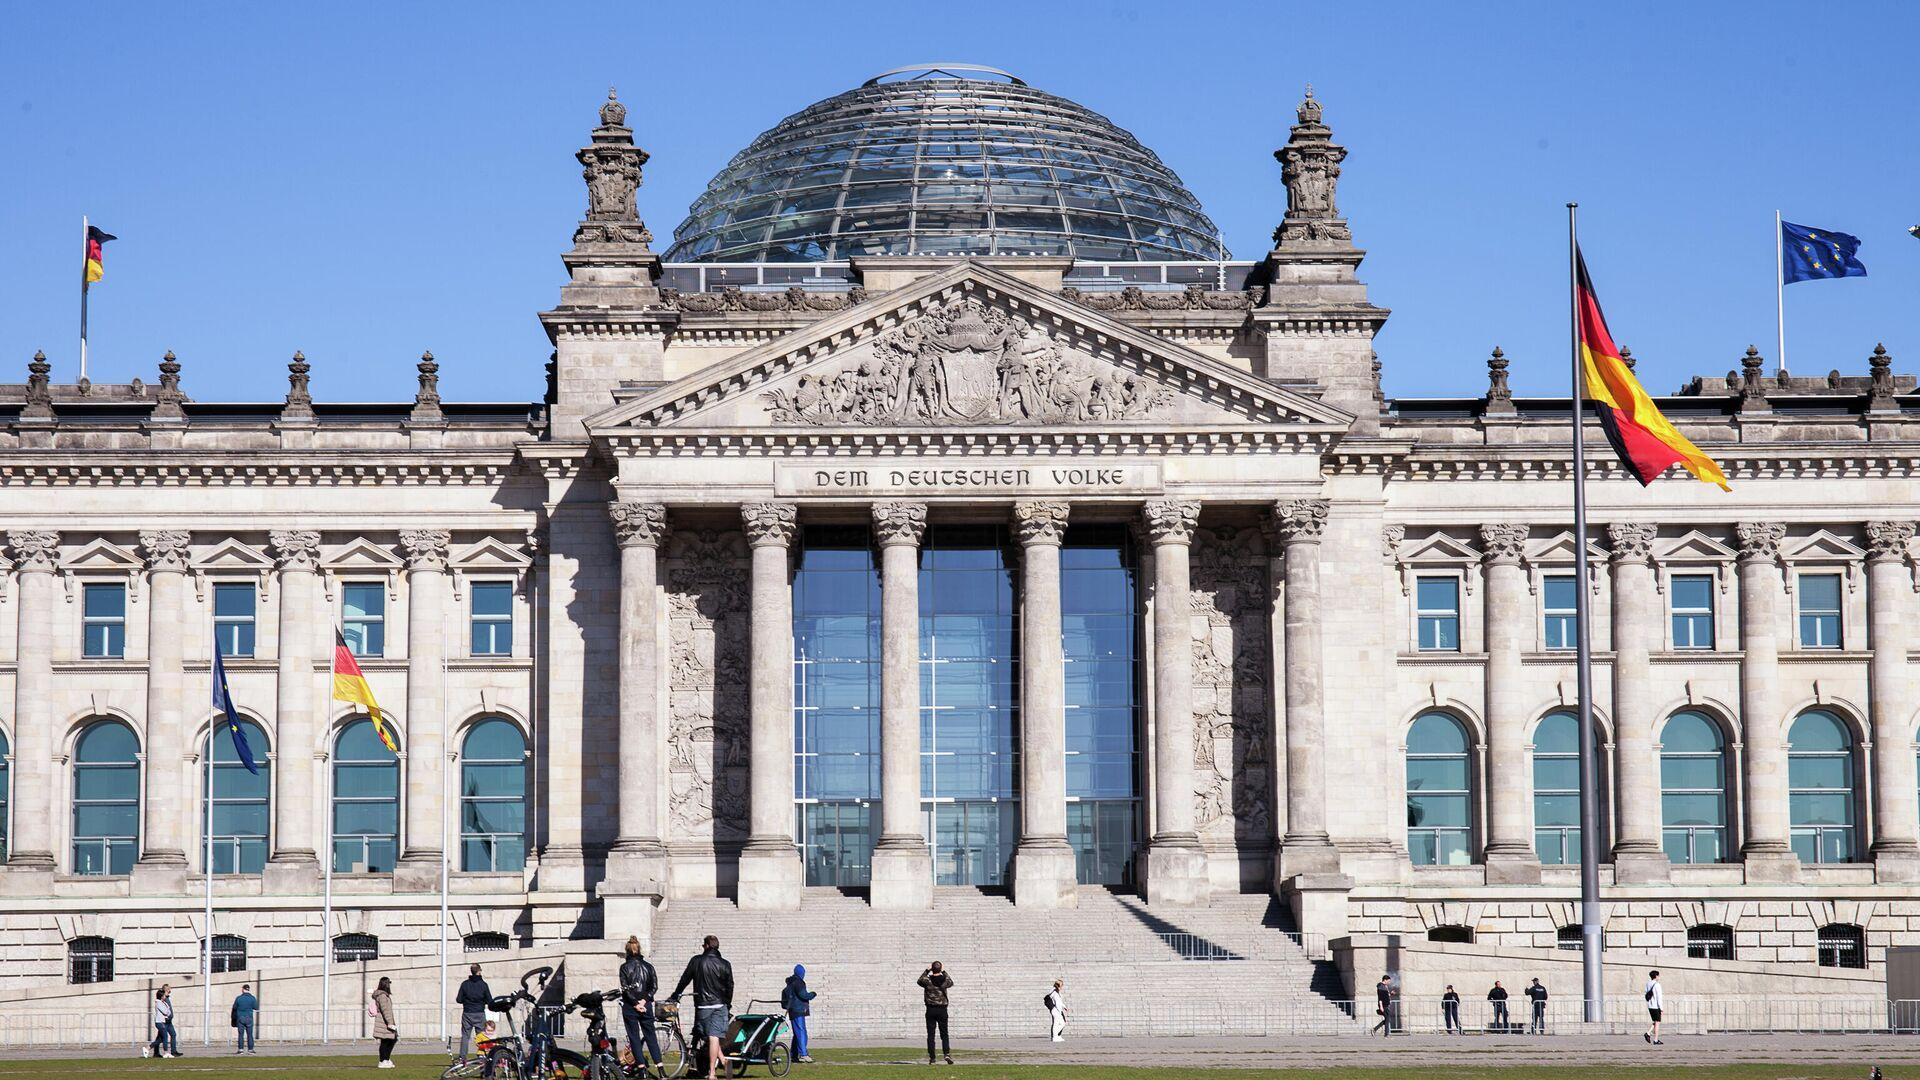 Историческое здание Рейхстага в центре Берлина. В реконструированном здании рейхстага размещается Германский бундестаг (парламент). - Sputnik Таджикистан, 1920, 23.09.2021